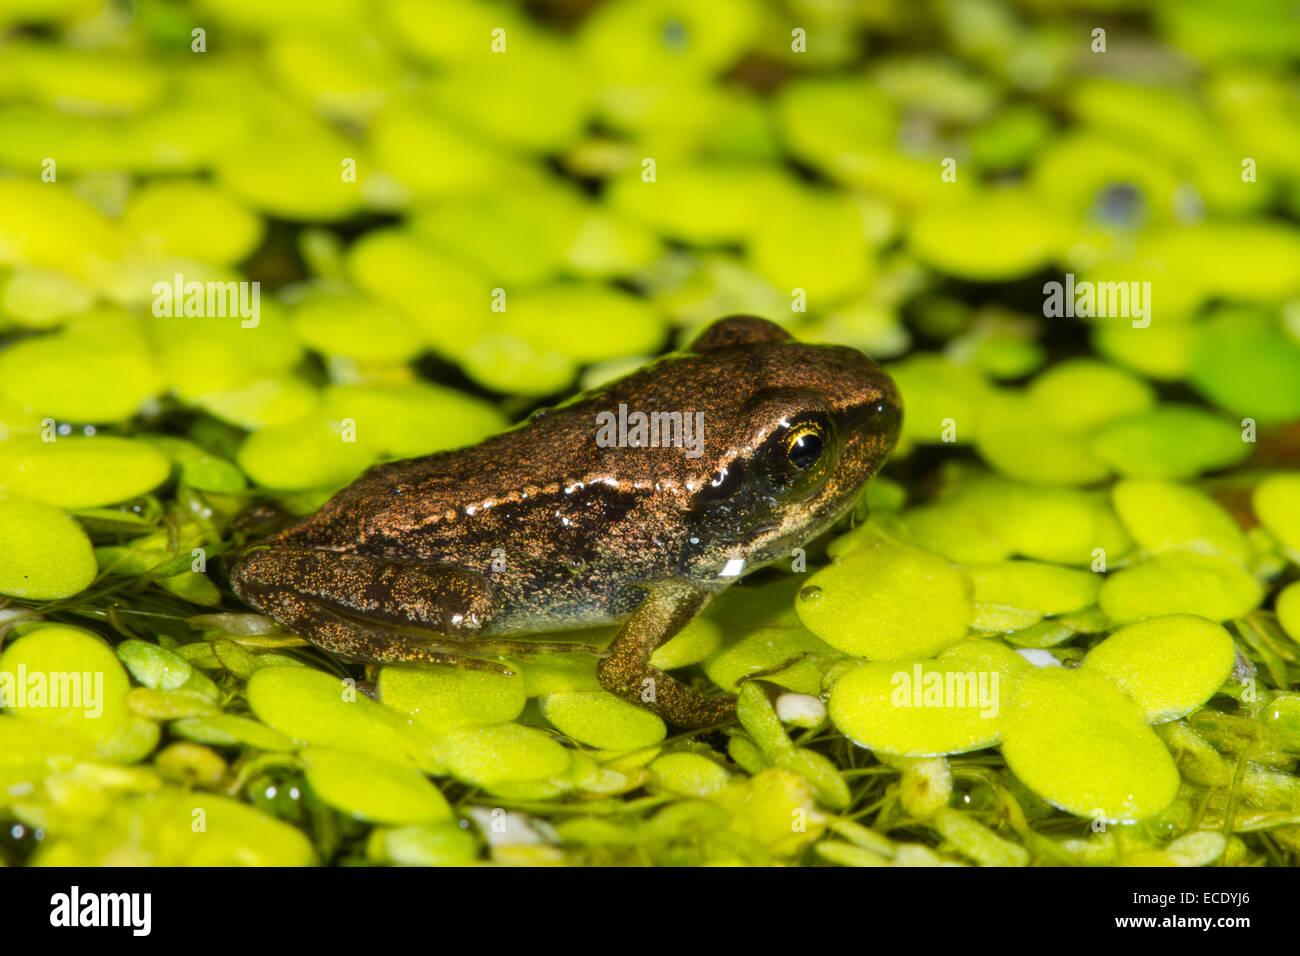 Rana comune (Rana temporaria) froglet, sulle lenti d'acqua (Lemna sp.) in un laghetto in giardino. Seaford, Immagini Stock